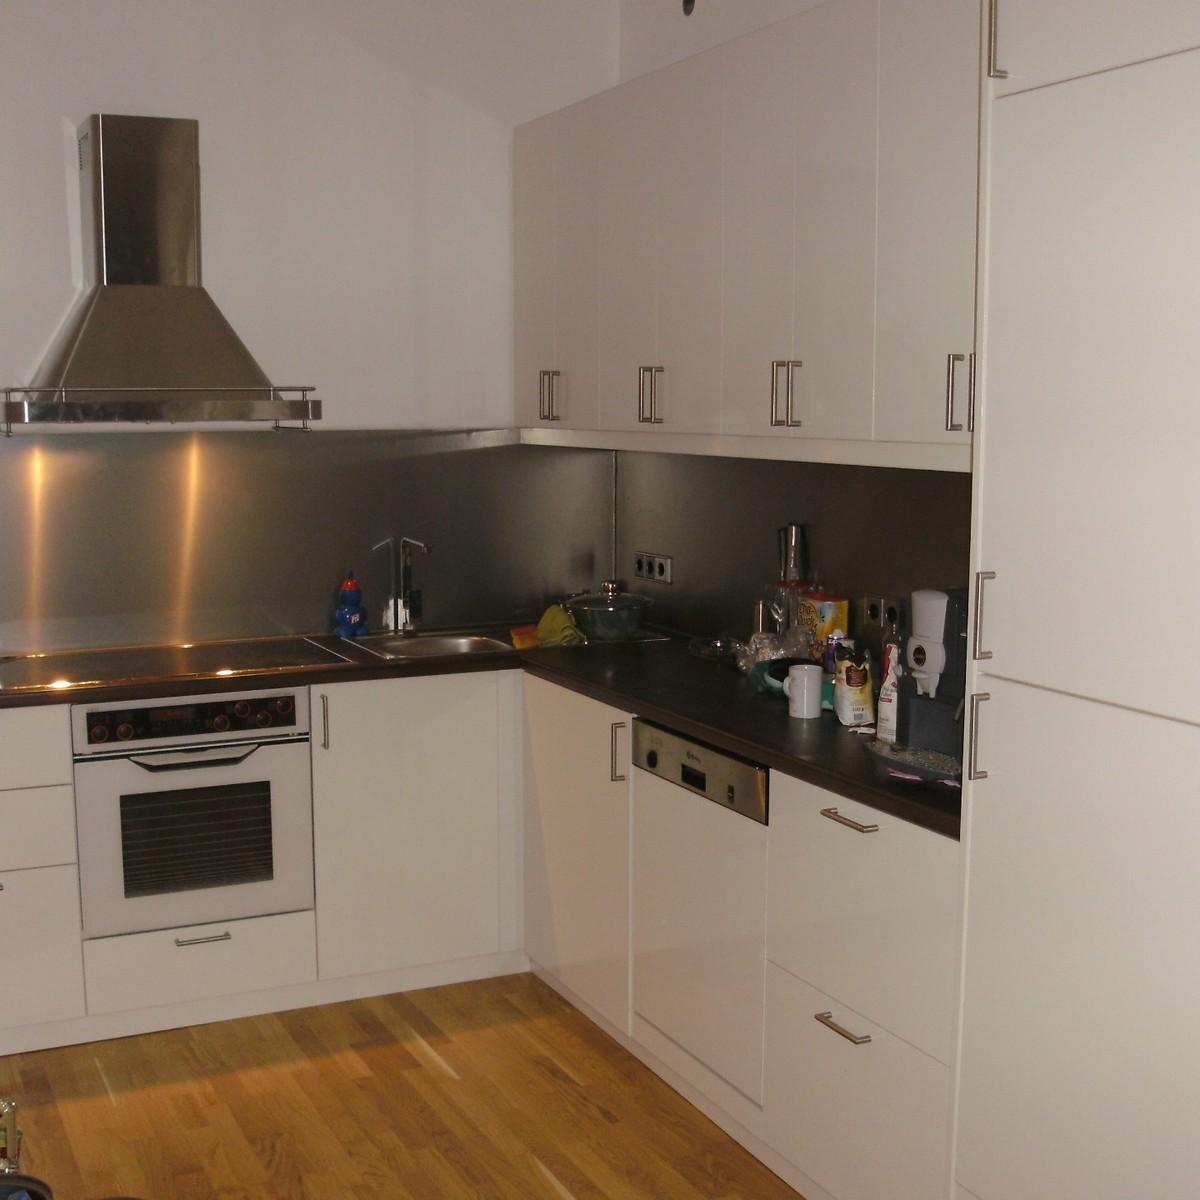 Einbauküche, weiß-hochglanz, Wandpanelle-Edelstahloptik